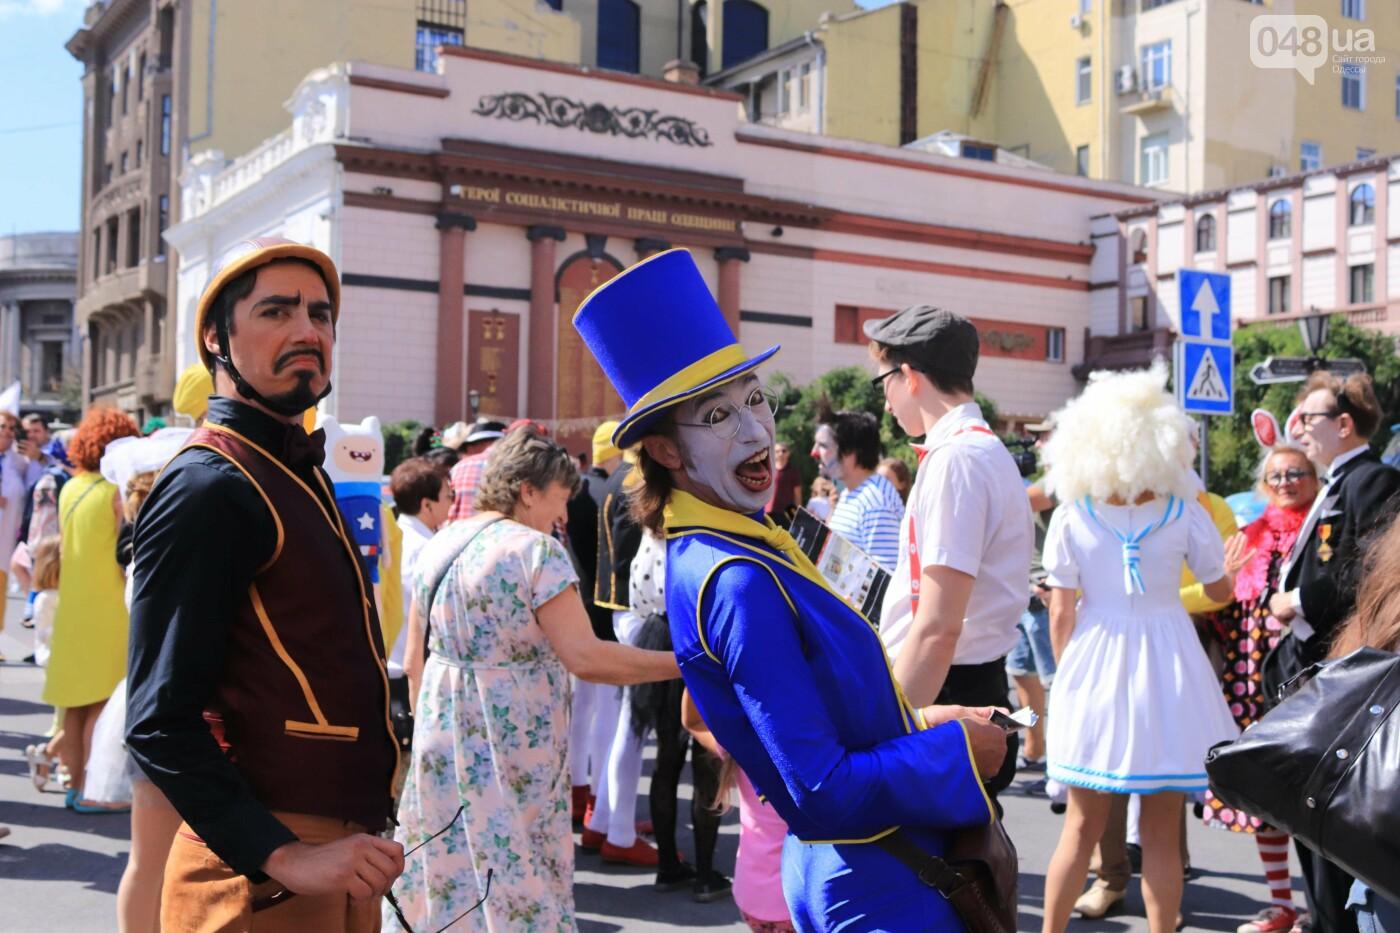 Парад клоунов в Одессе: яркая колонна шла от Дюка в Горсад, - ФОТО, ВИДЕО, СТРИМ, фото-7